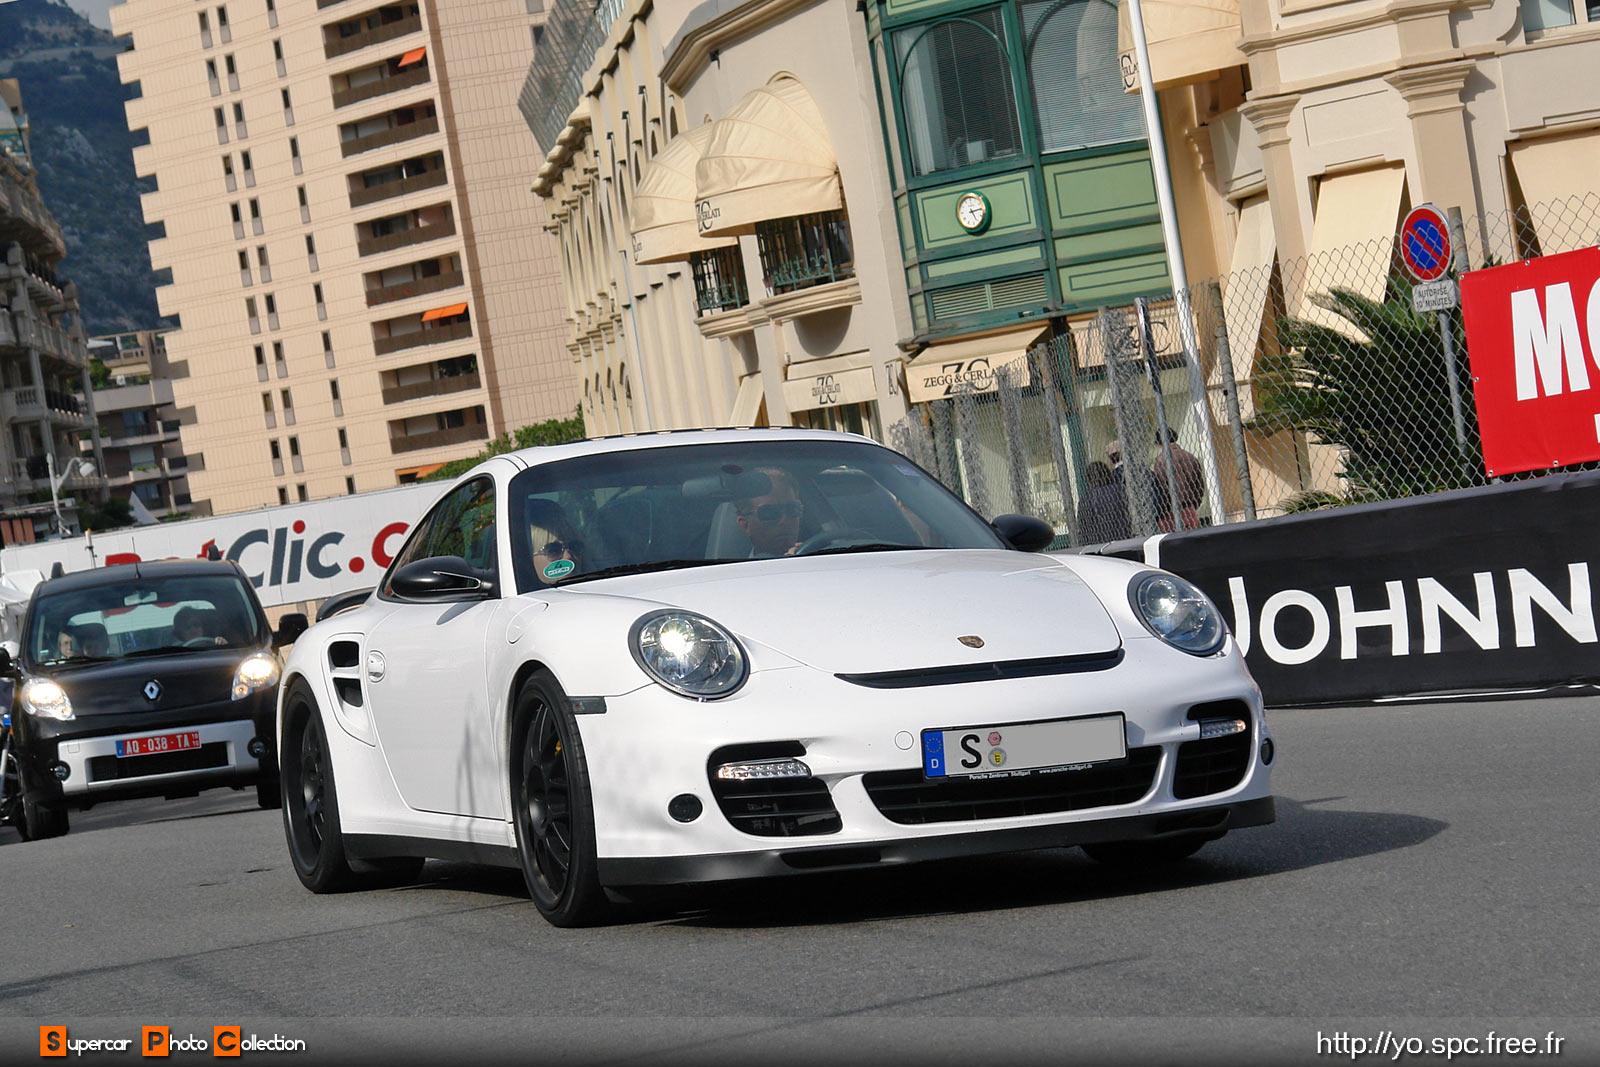 Archives_2010_10_25  Porsche Clic on rotiform porsche, poor man's porsche, white porsche, million-dollar porsche, taken 3 porsche, cool porsche, black porsche, brown porsche,